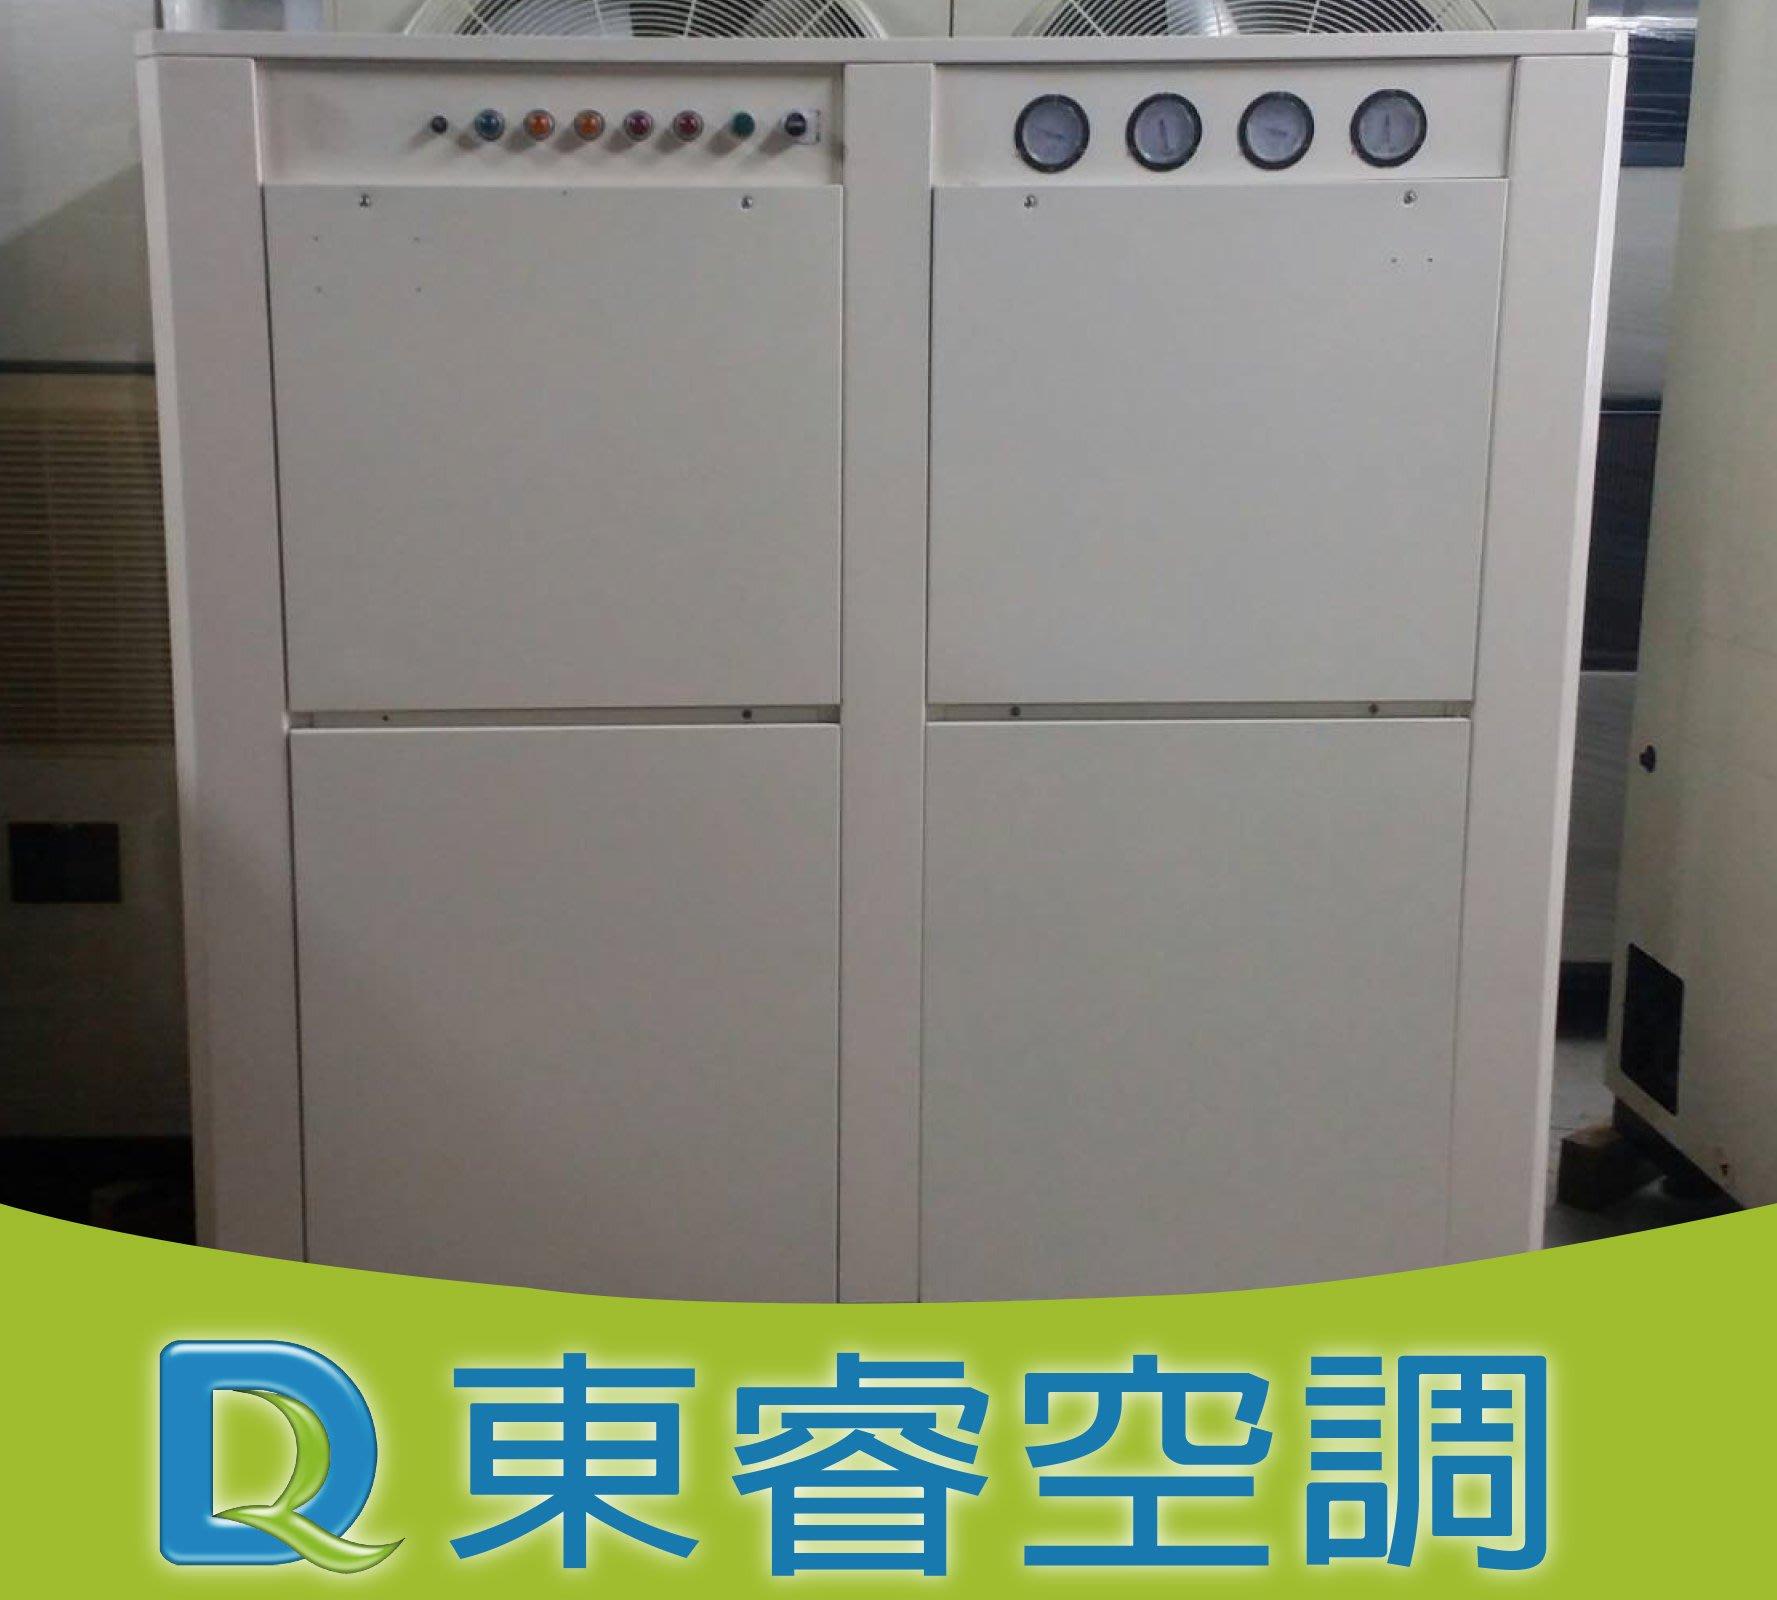 【東睿空調】SINKO 25RT水冷式冰水機.規劃施工/維修保養/中古買賣.北中南均有服務據點.可刷卡